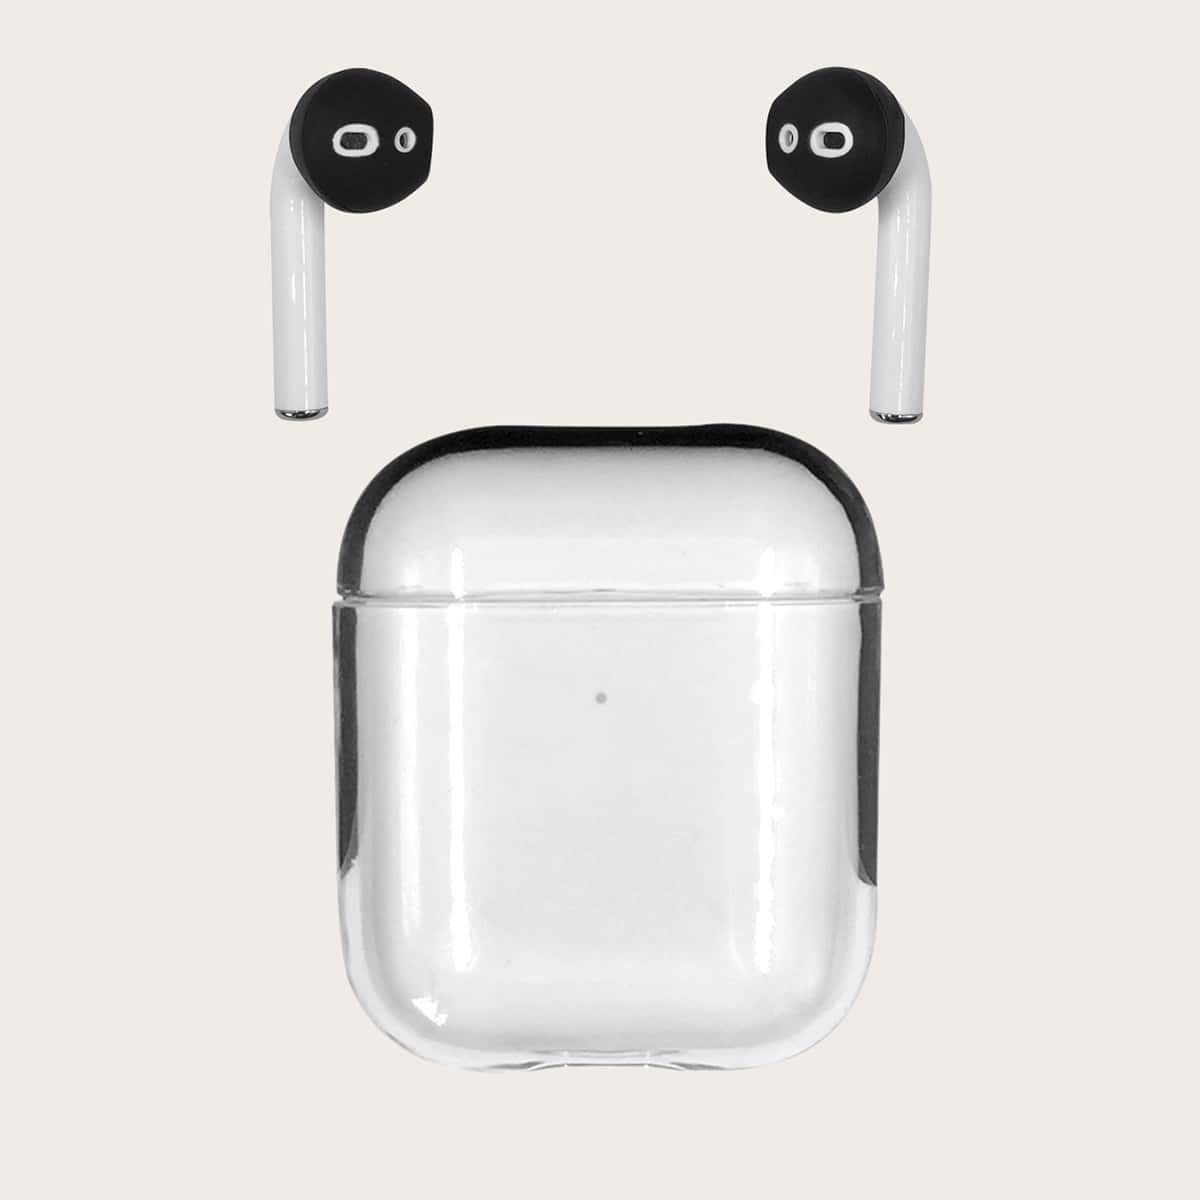 SHEIN / 1 Stück Transparente Airpods Hülle und 1 Paar Kopfhörerabdeckkappe